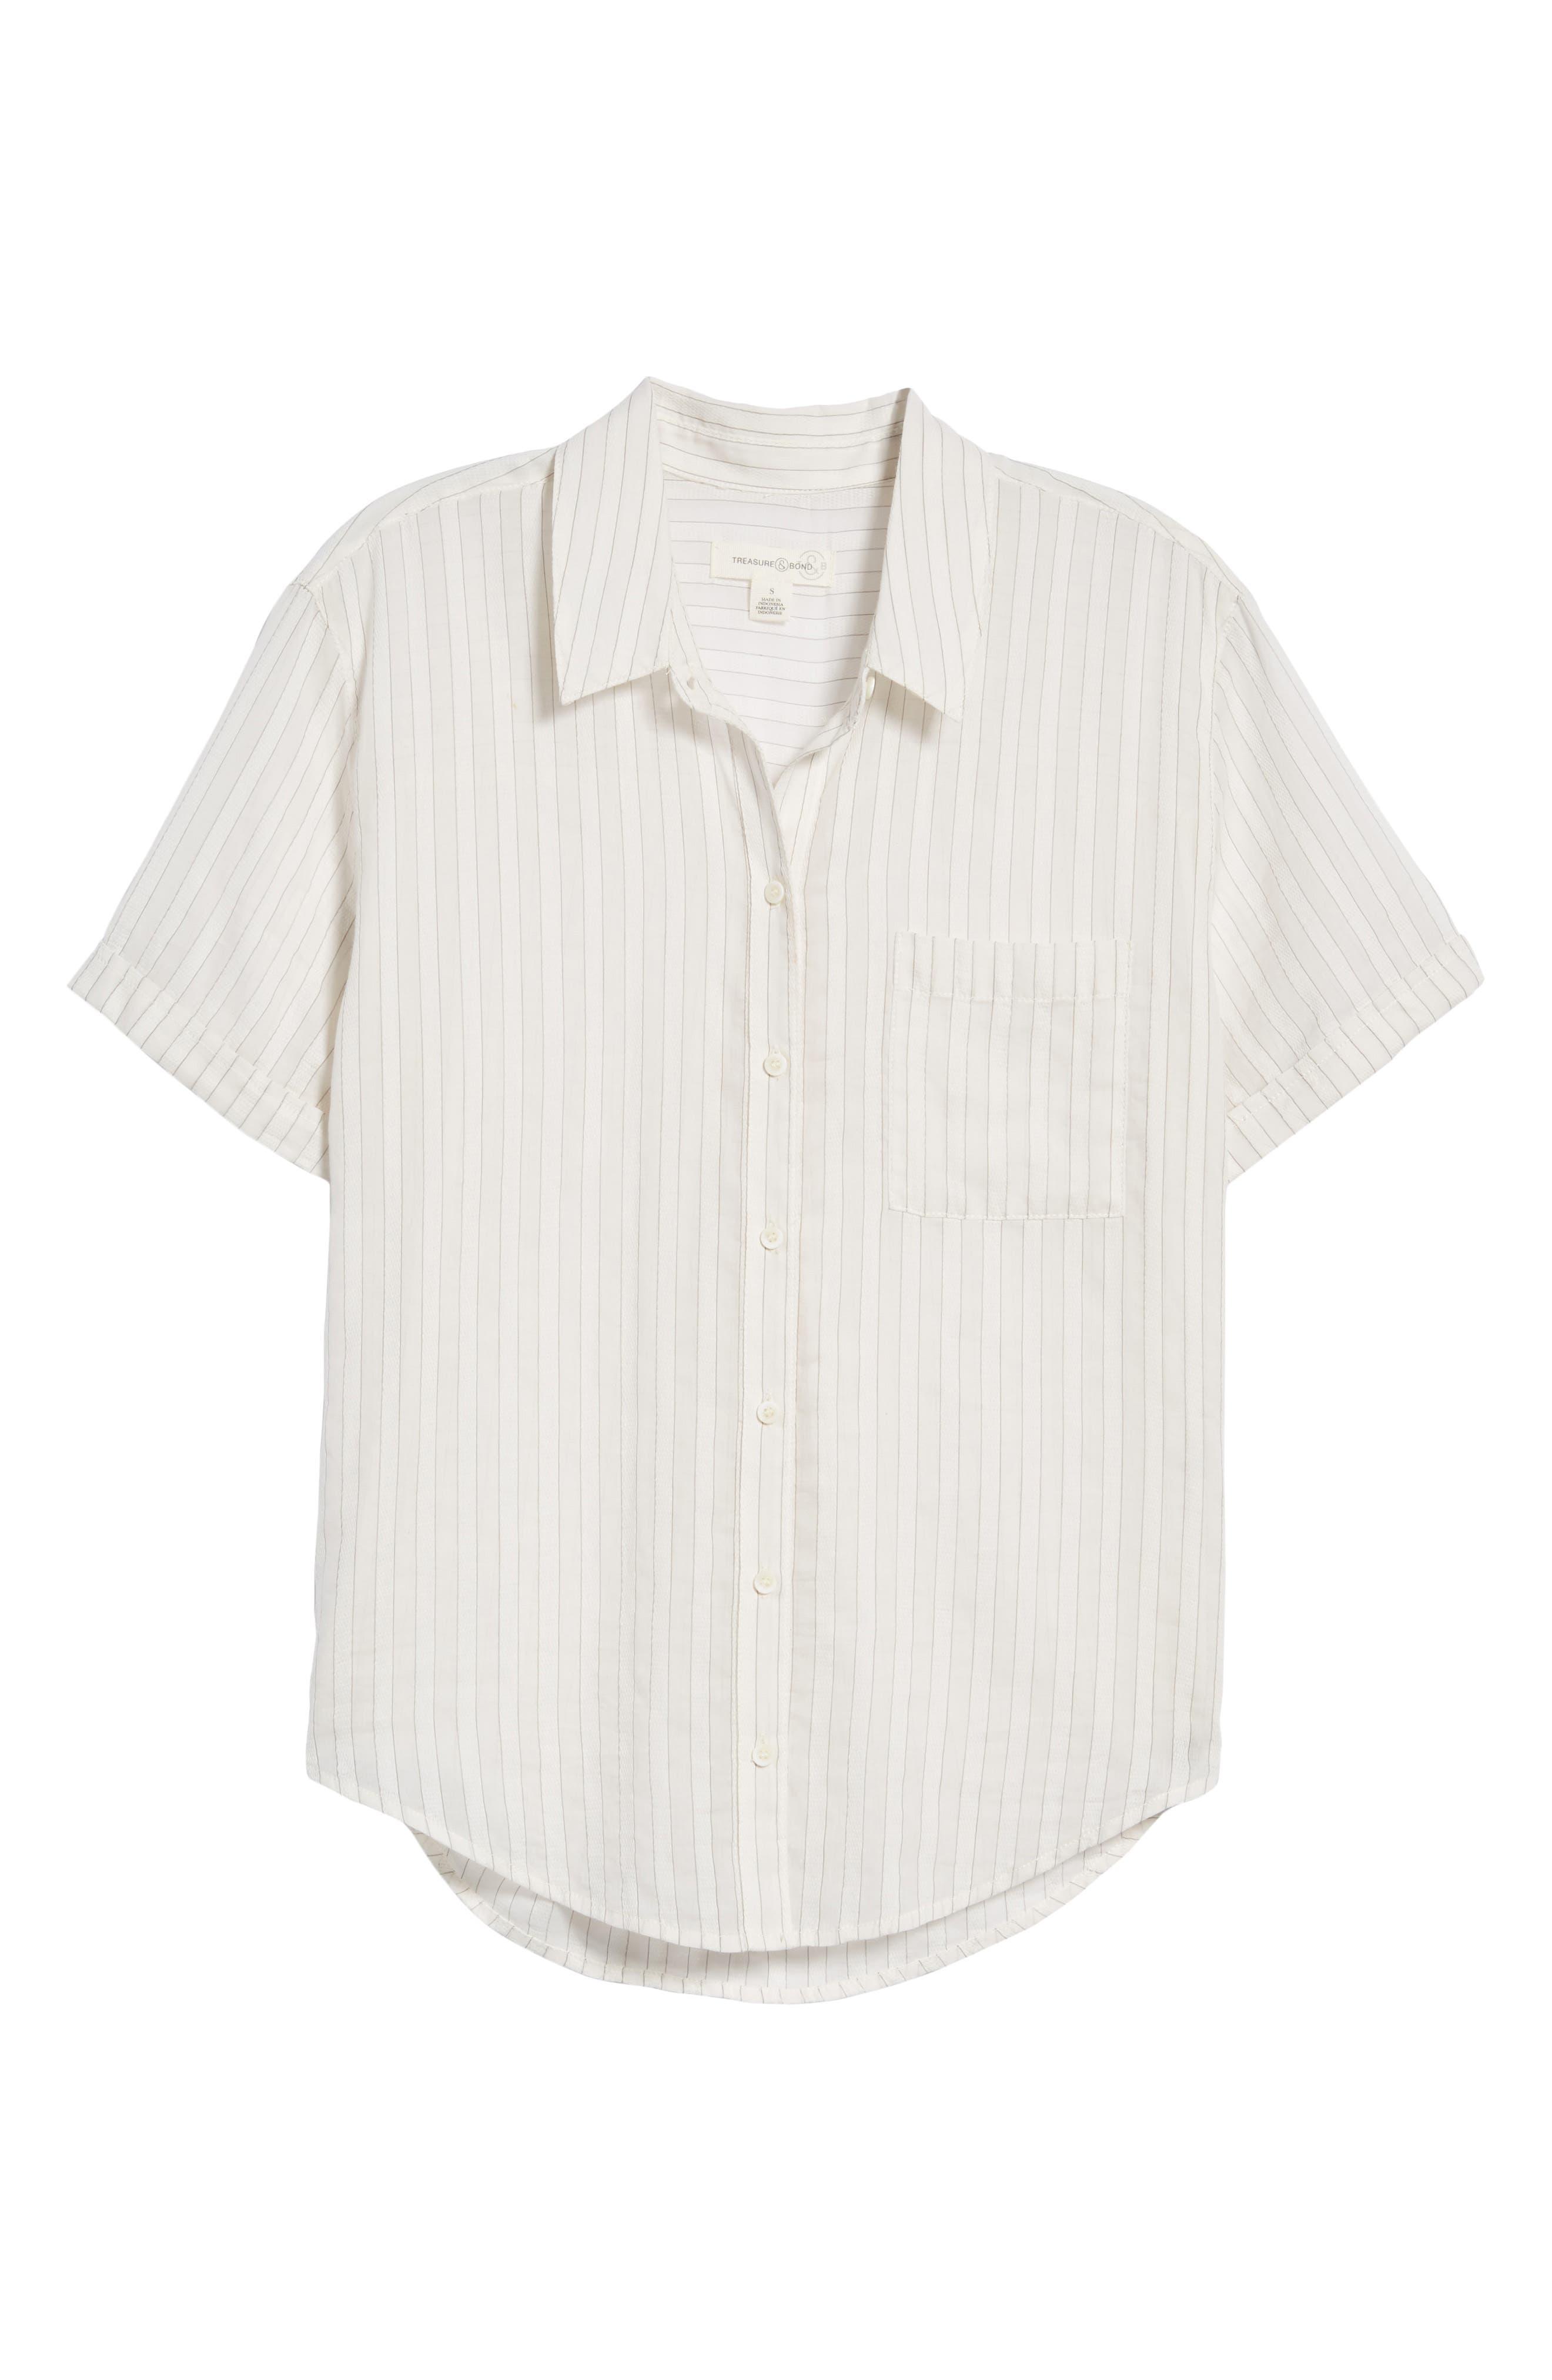 Stripe Shirt,                             Alternate thumbnail 7, color,                             100